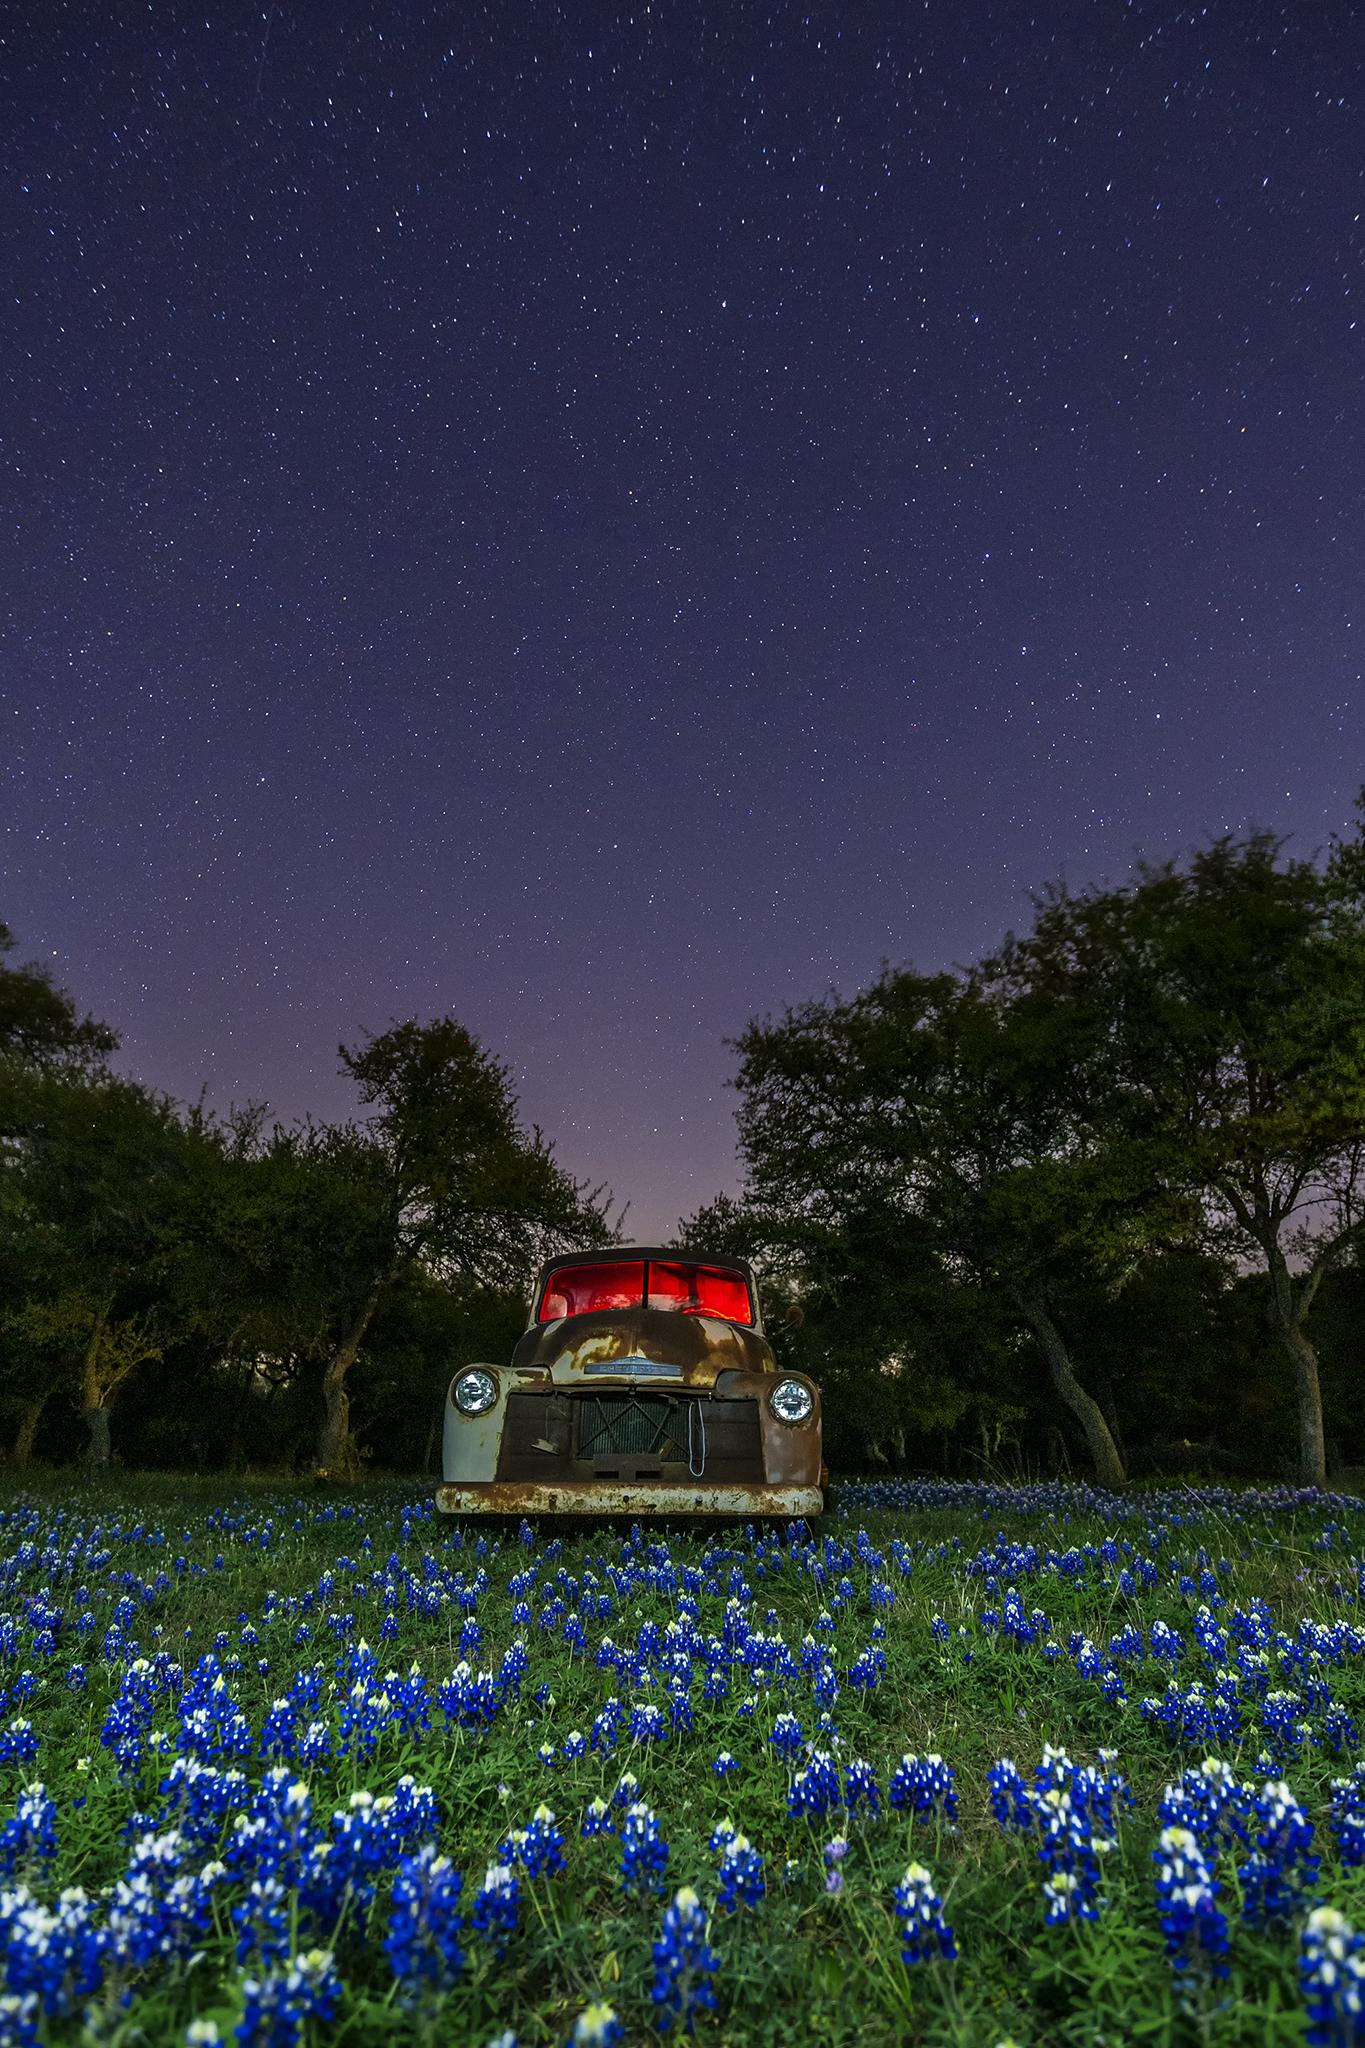 texas bluebonnets night workshop